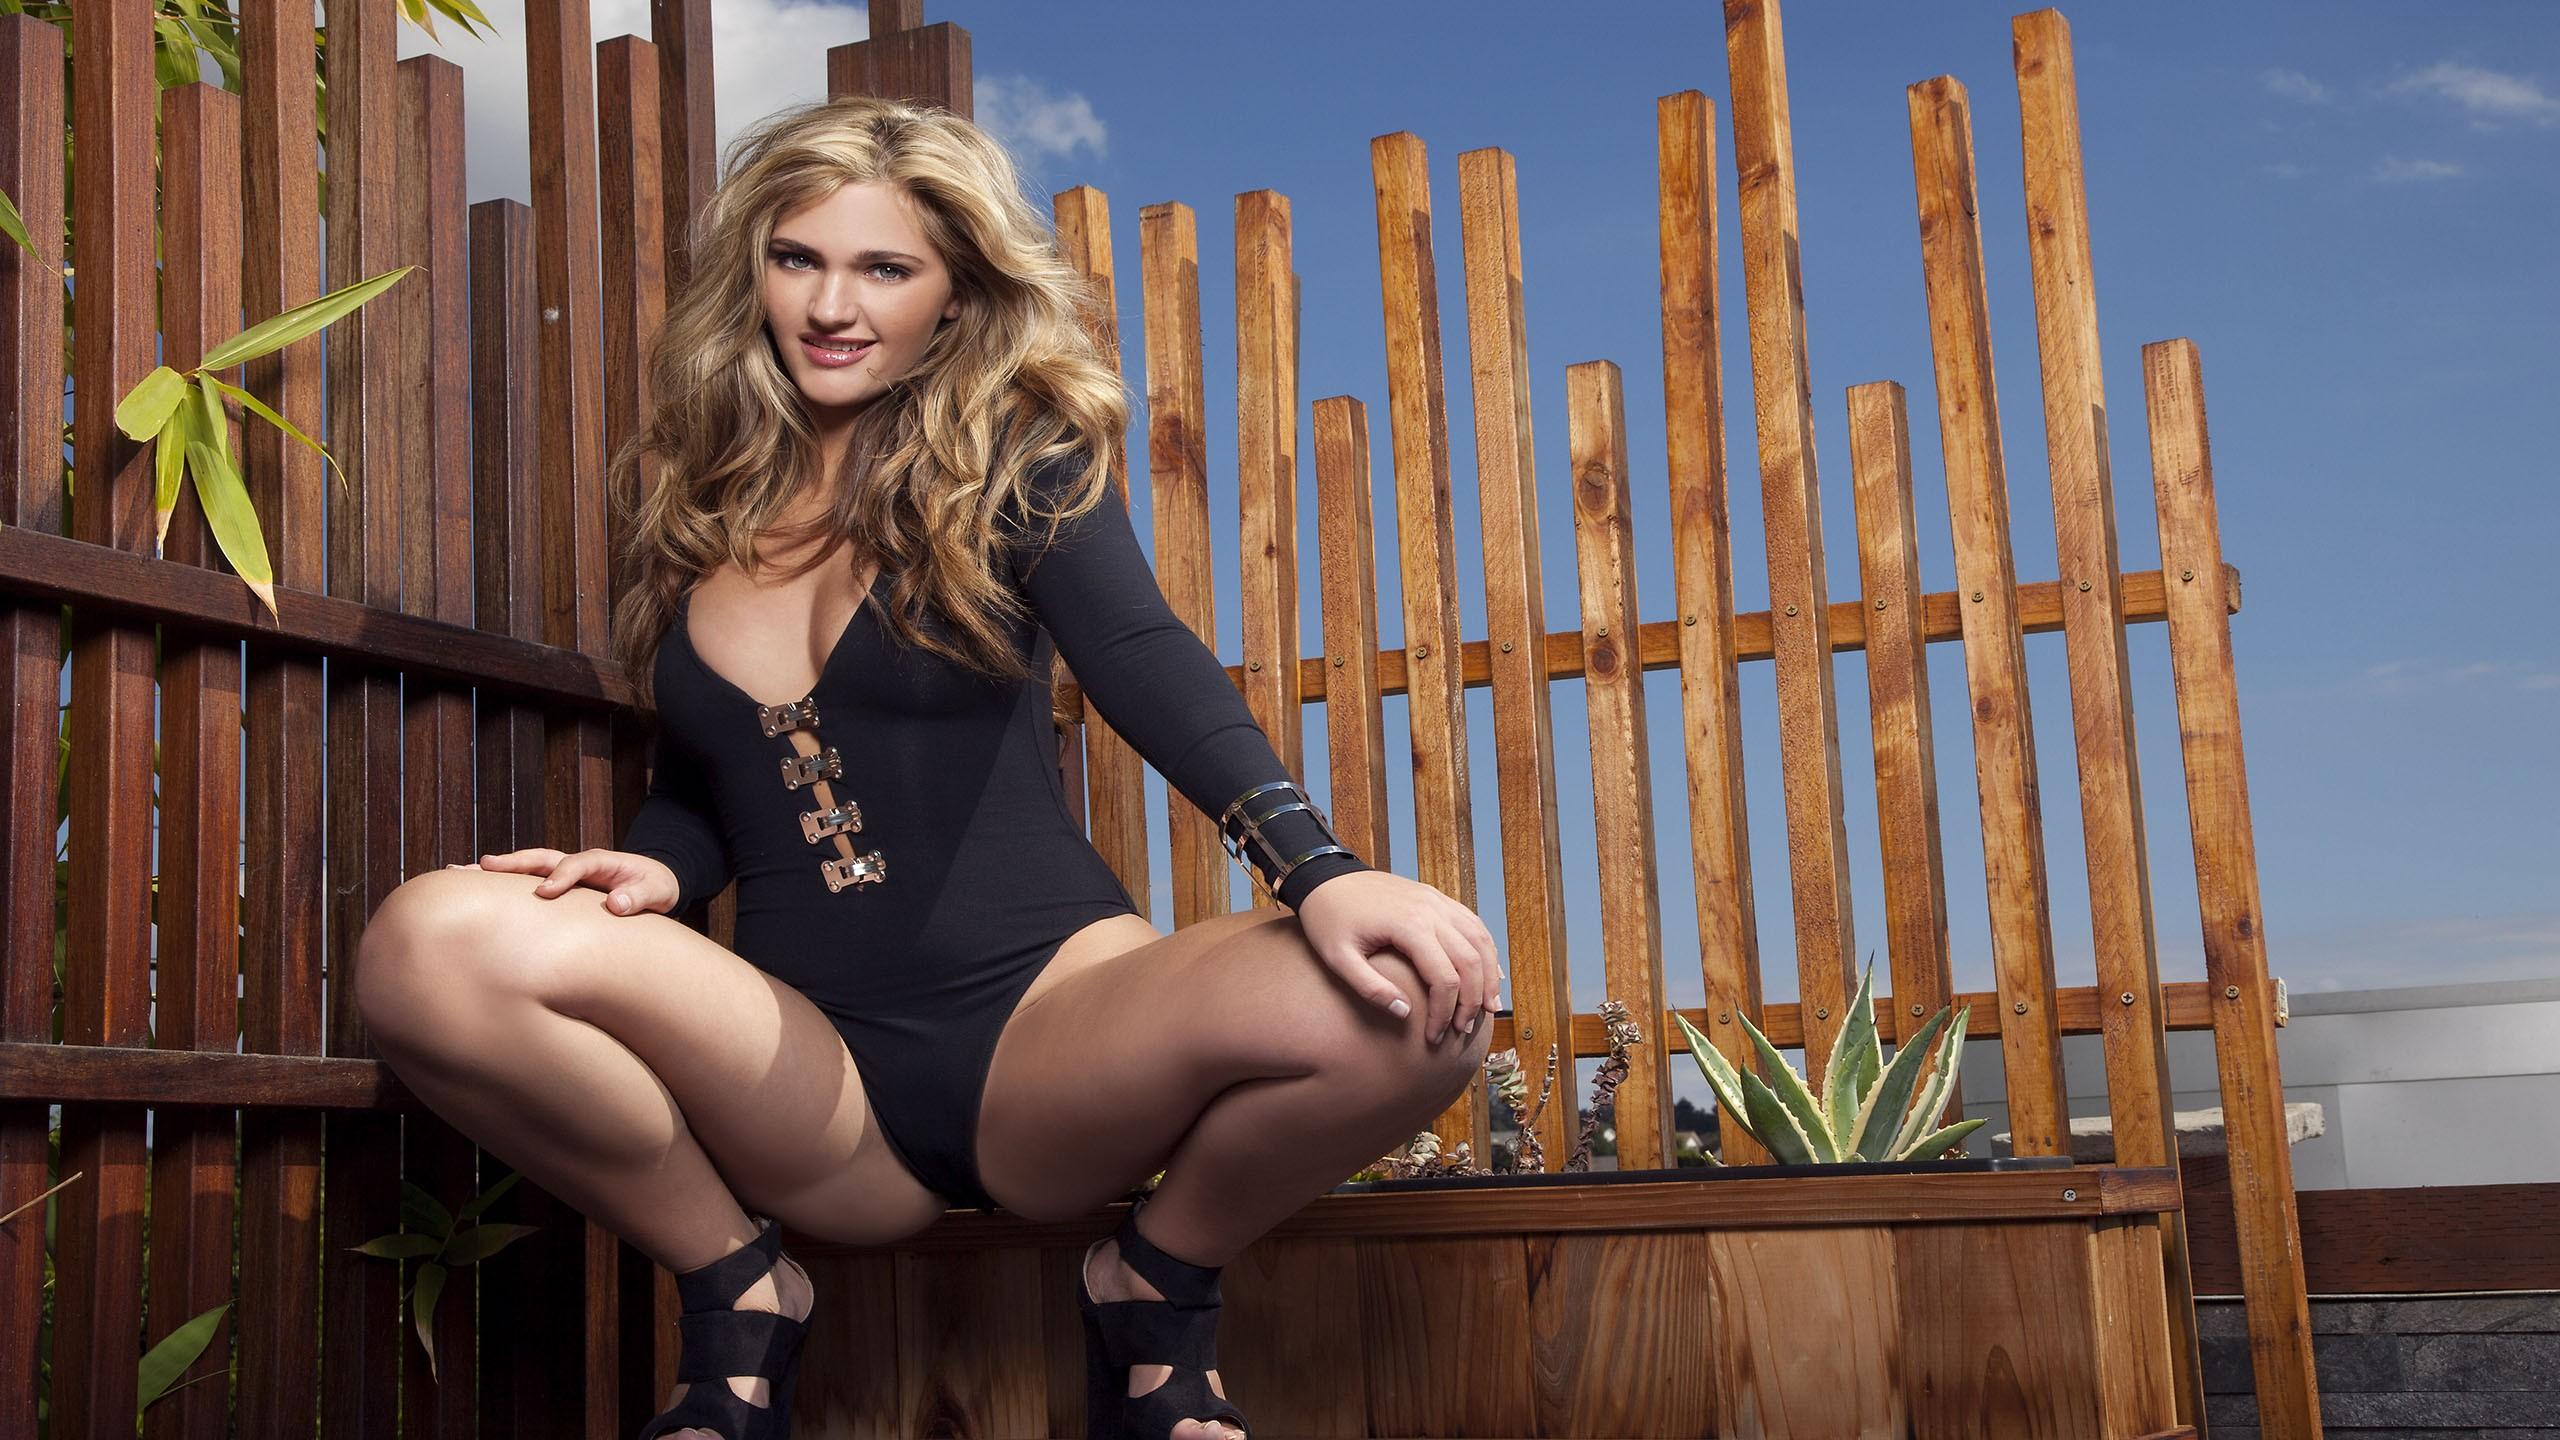 раздвинутые ножки женщин фотографии хорошего качества